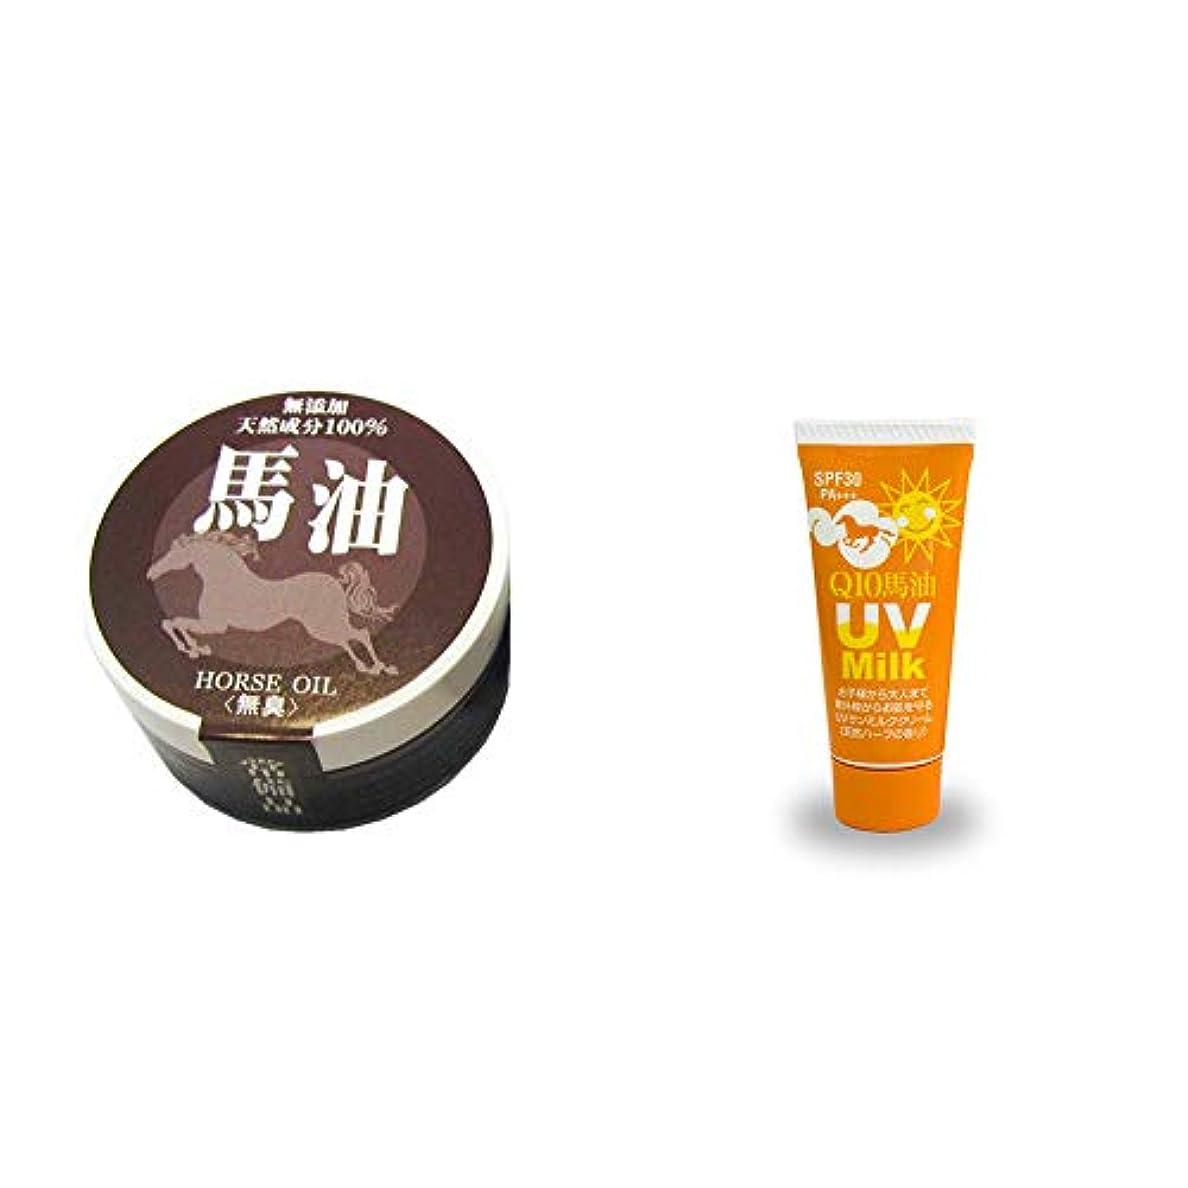 規模チョコレートヘクタール[2点セット] 無添加天然成分100% 馬油[無香料](38g)?炭黒泉 Q10馬油 UVサンミルク[天然ハーブ](40g)